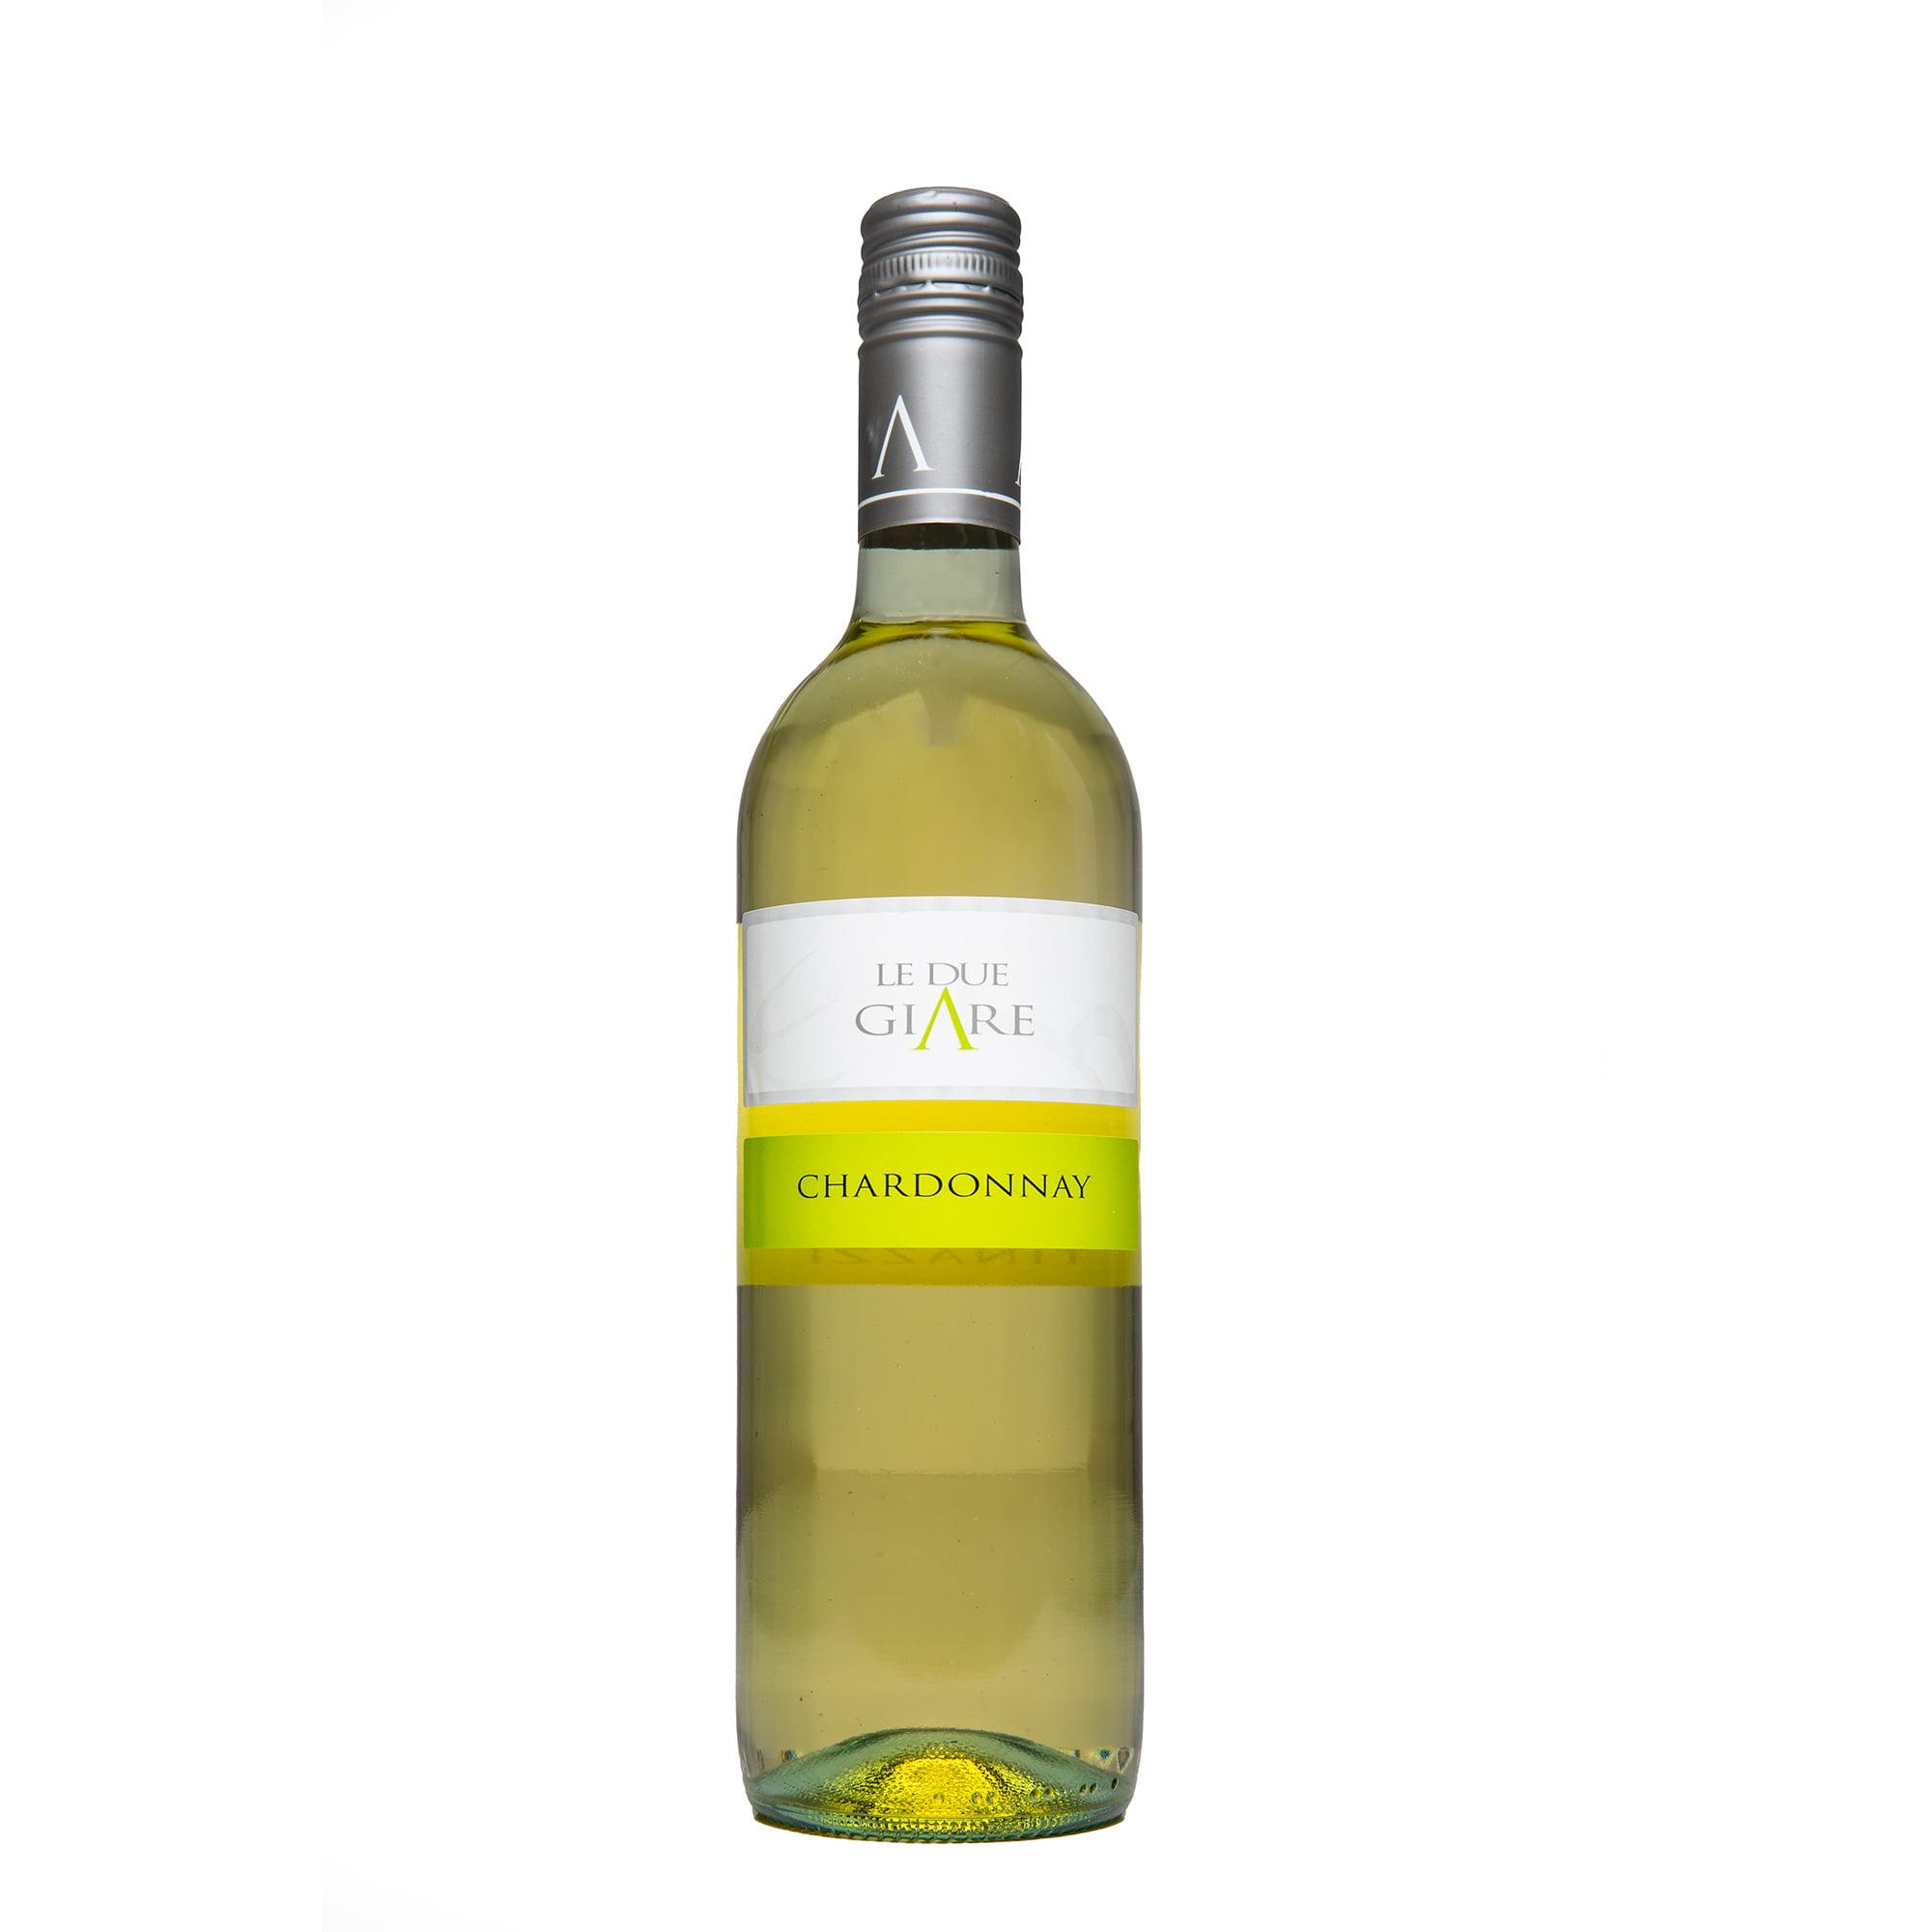 Chardonnay Le Due Giare IGP Puglia